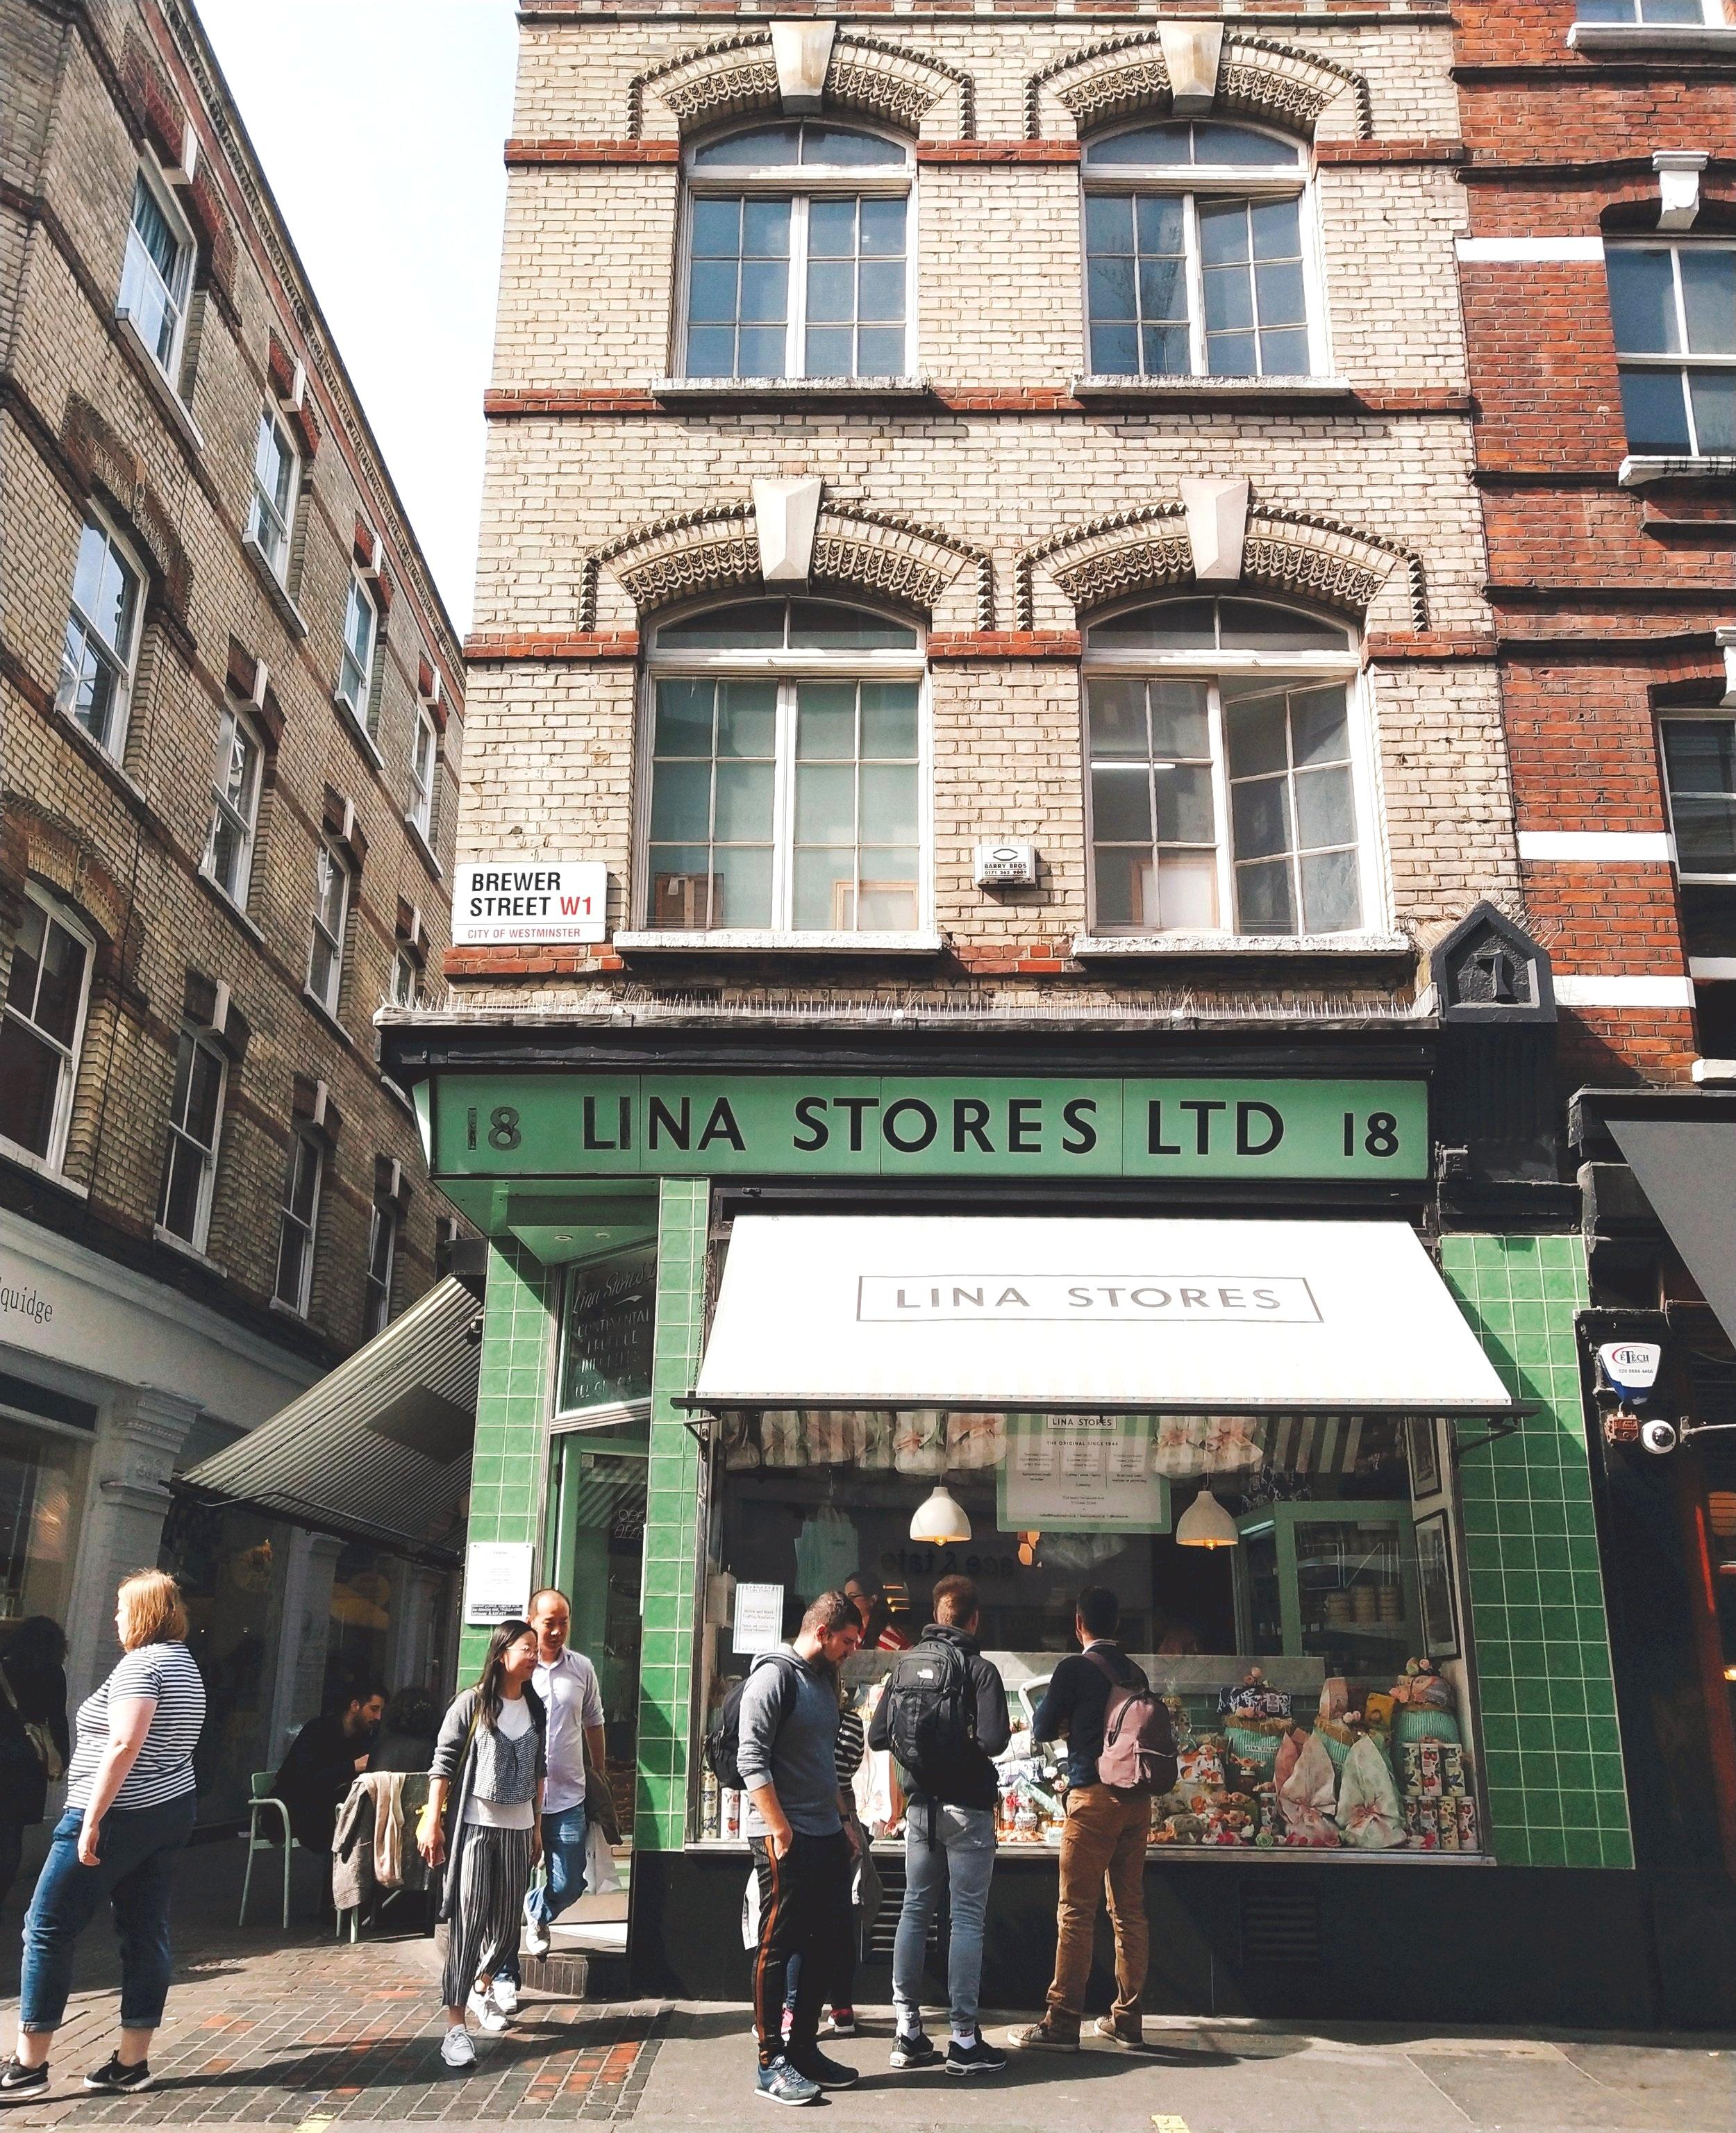 Lina stores soho